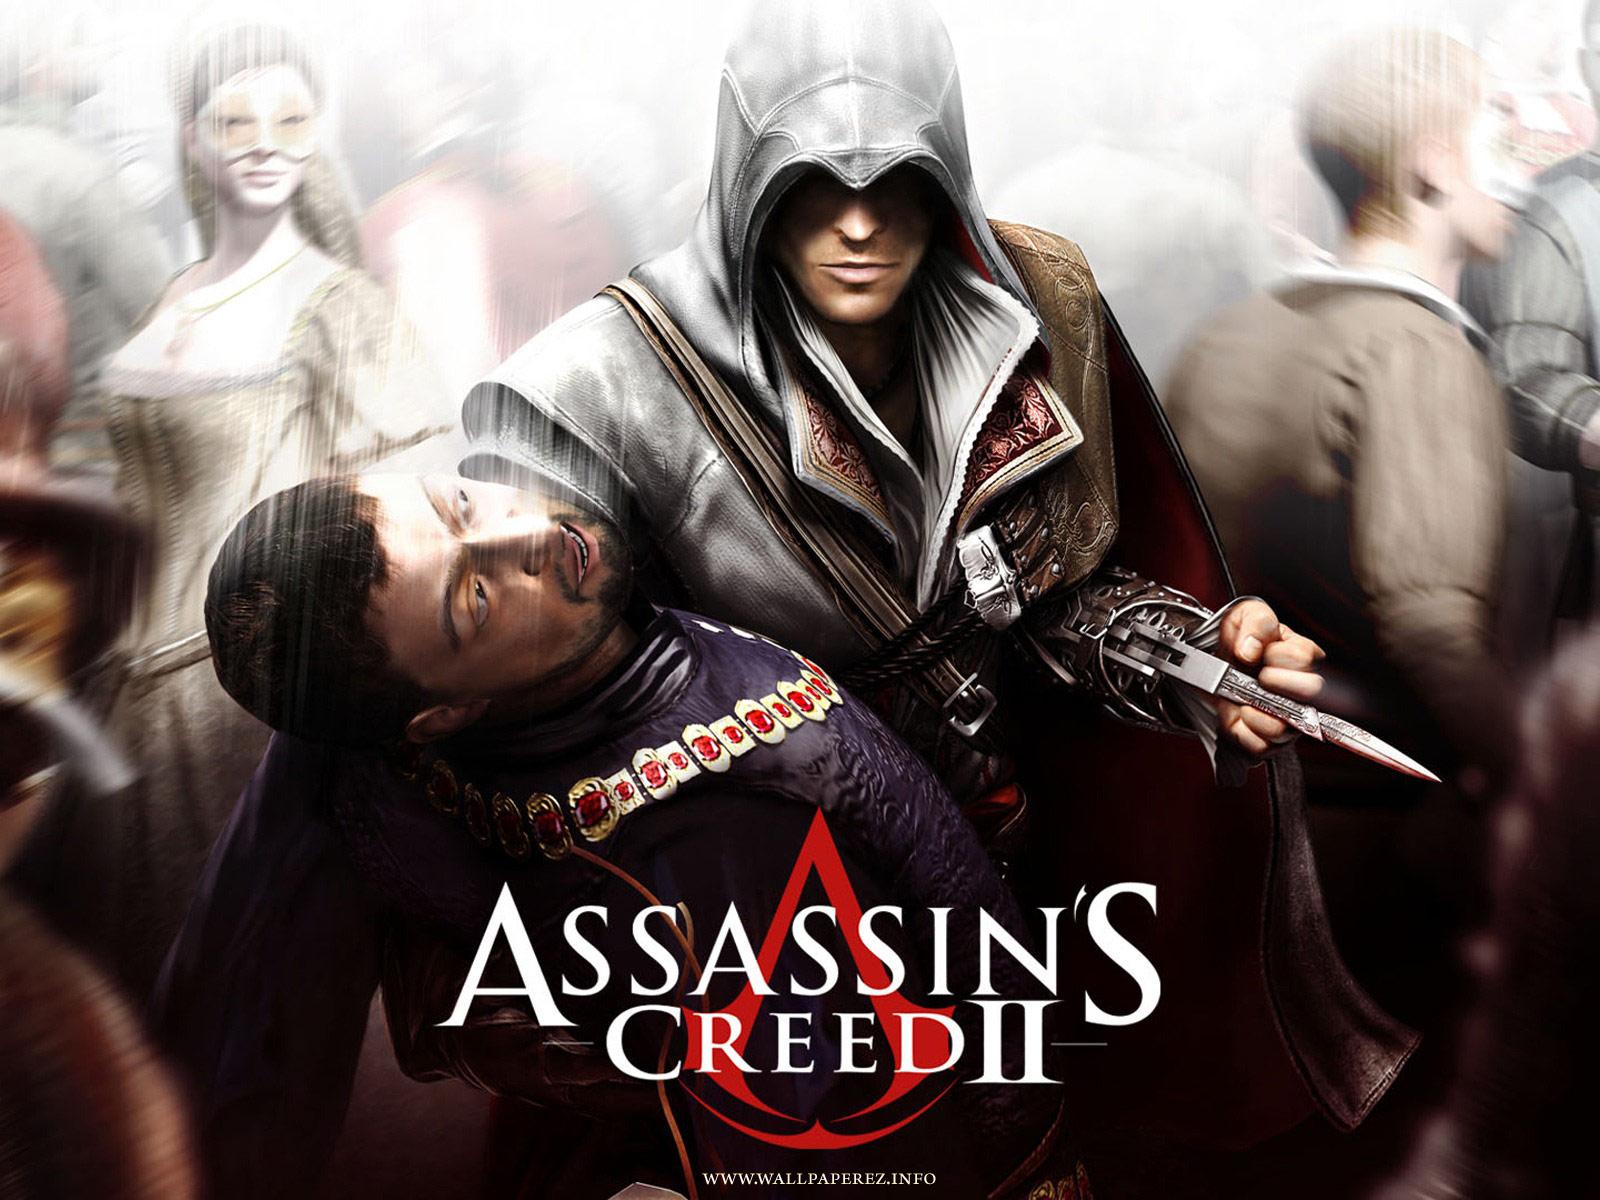 http://1.bp.blogspot.com/-Pr2ZIwOV2aY/TnDWpOQYiYI/AAAAAAAAE6I/0vBPyieQfVI/s1600/assassin%2527s+creed+3+wallpaper+hd+1.jpg